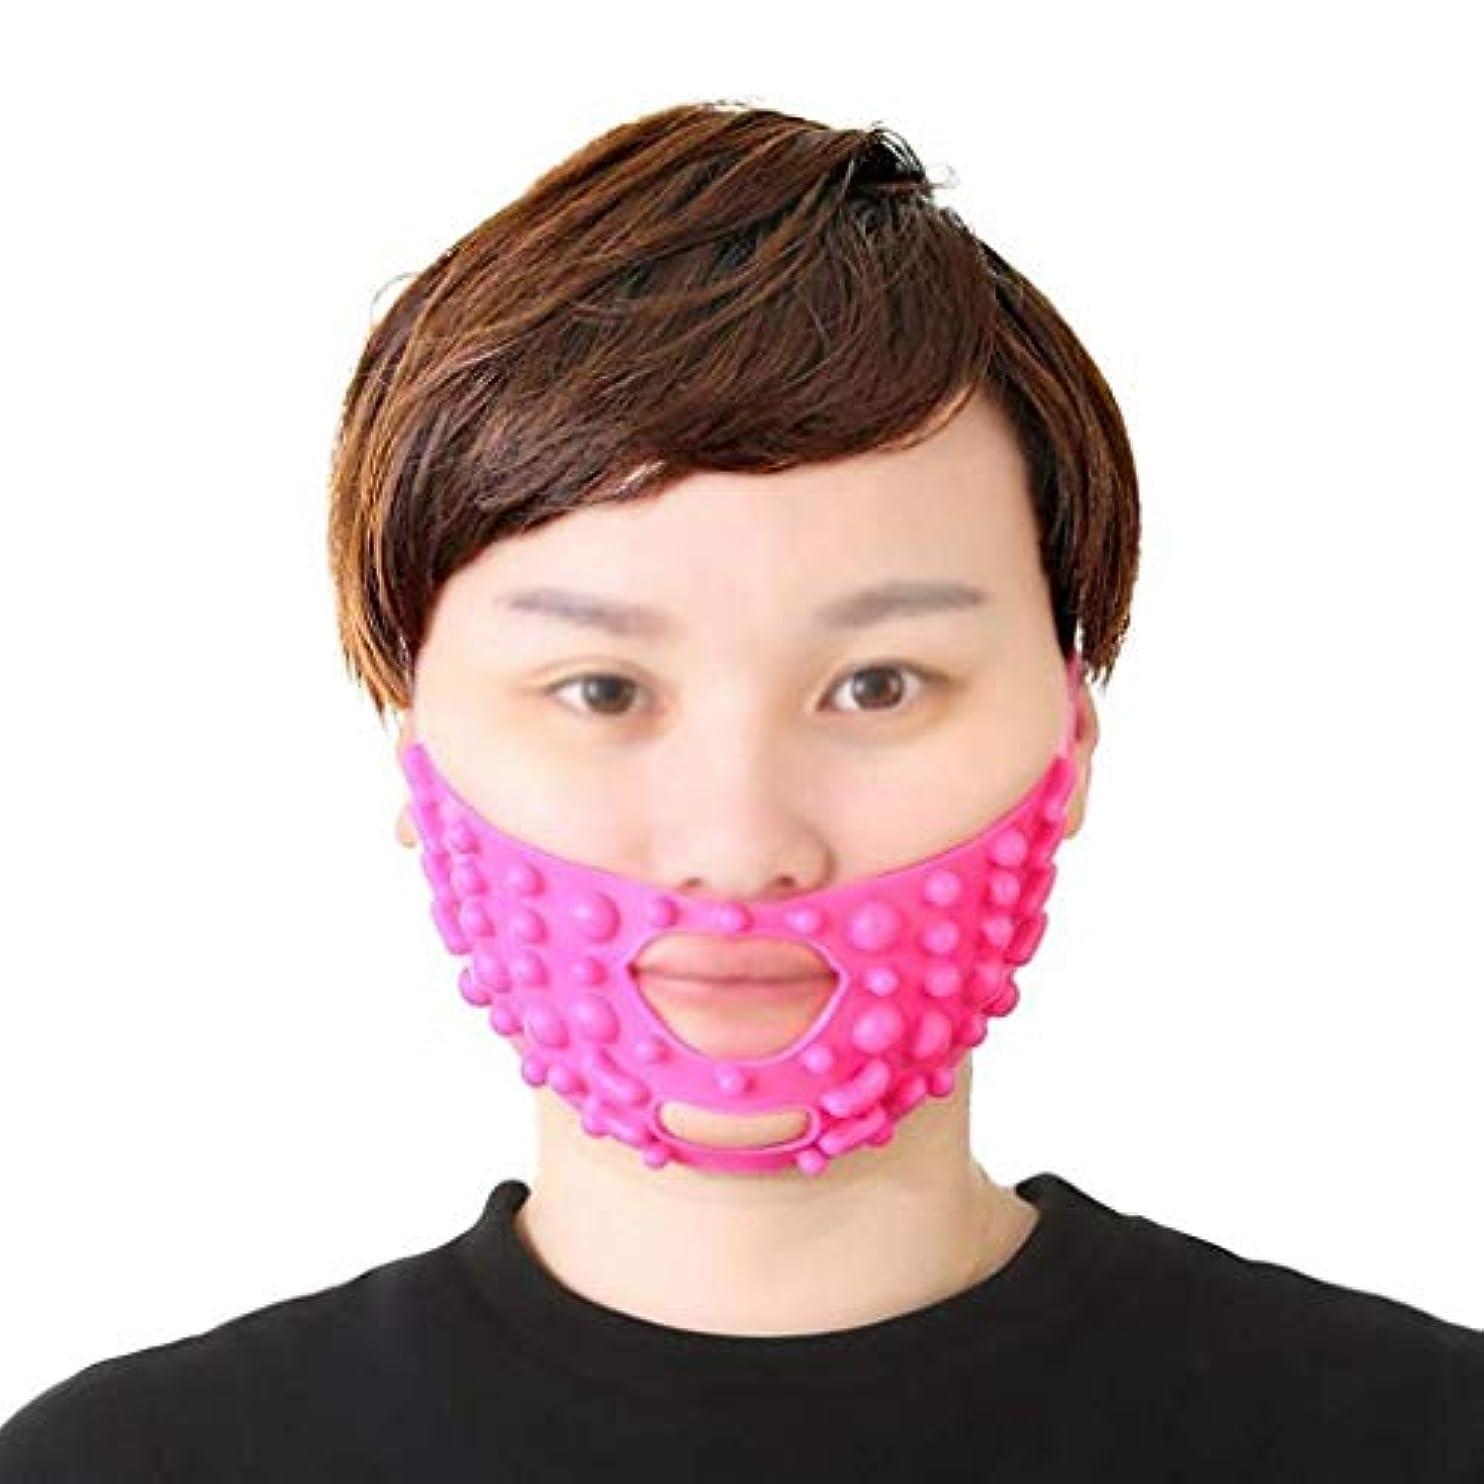 ご意見ハブブ有効なフェイスリフトマスク、チンストラップシリコーンVフェイスマスクフェイスマスク強力な包帯V顔アーティファクトスモールV顔包帯顔と首リフトピンクシリコーン包帯